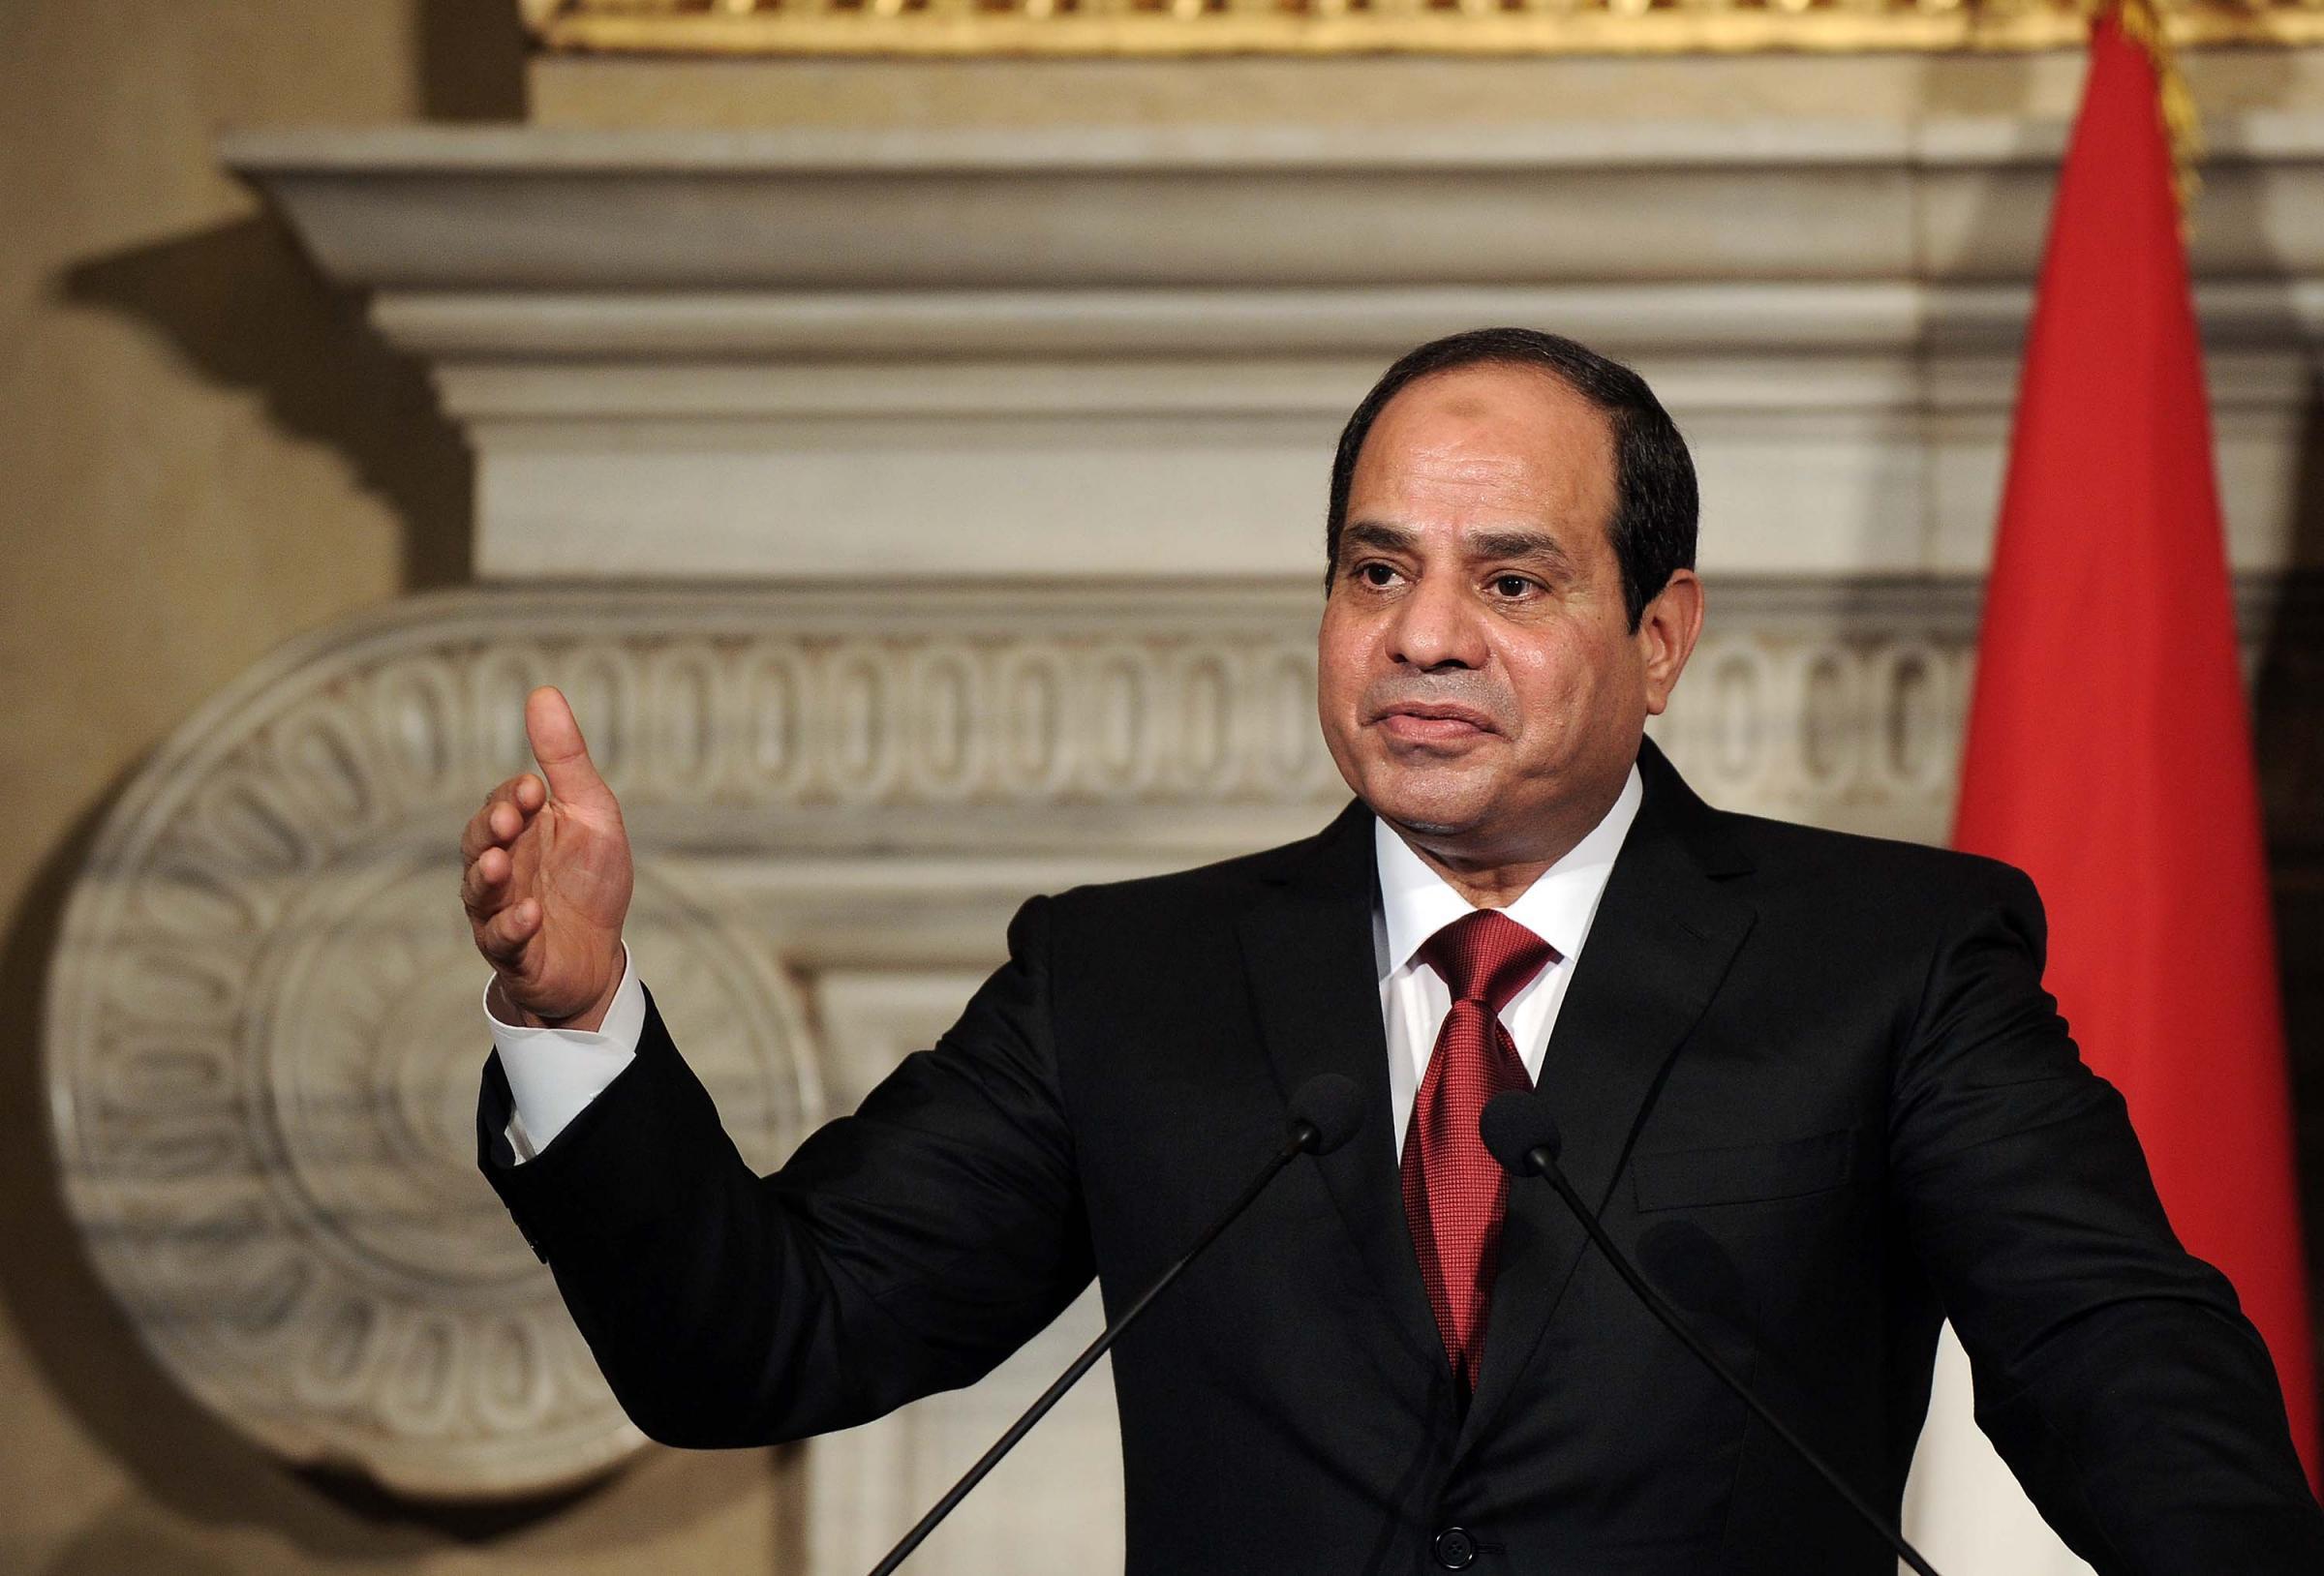 L'Unione Europea bacia la mano del regime egiziano